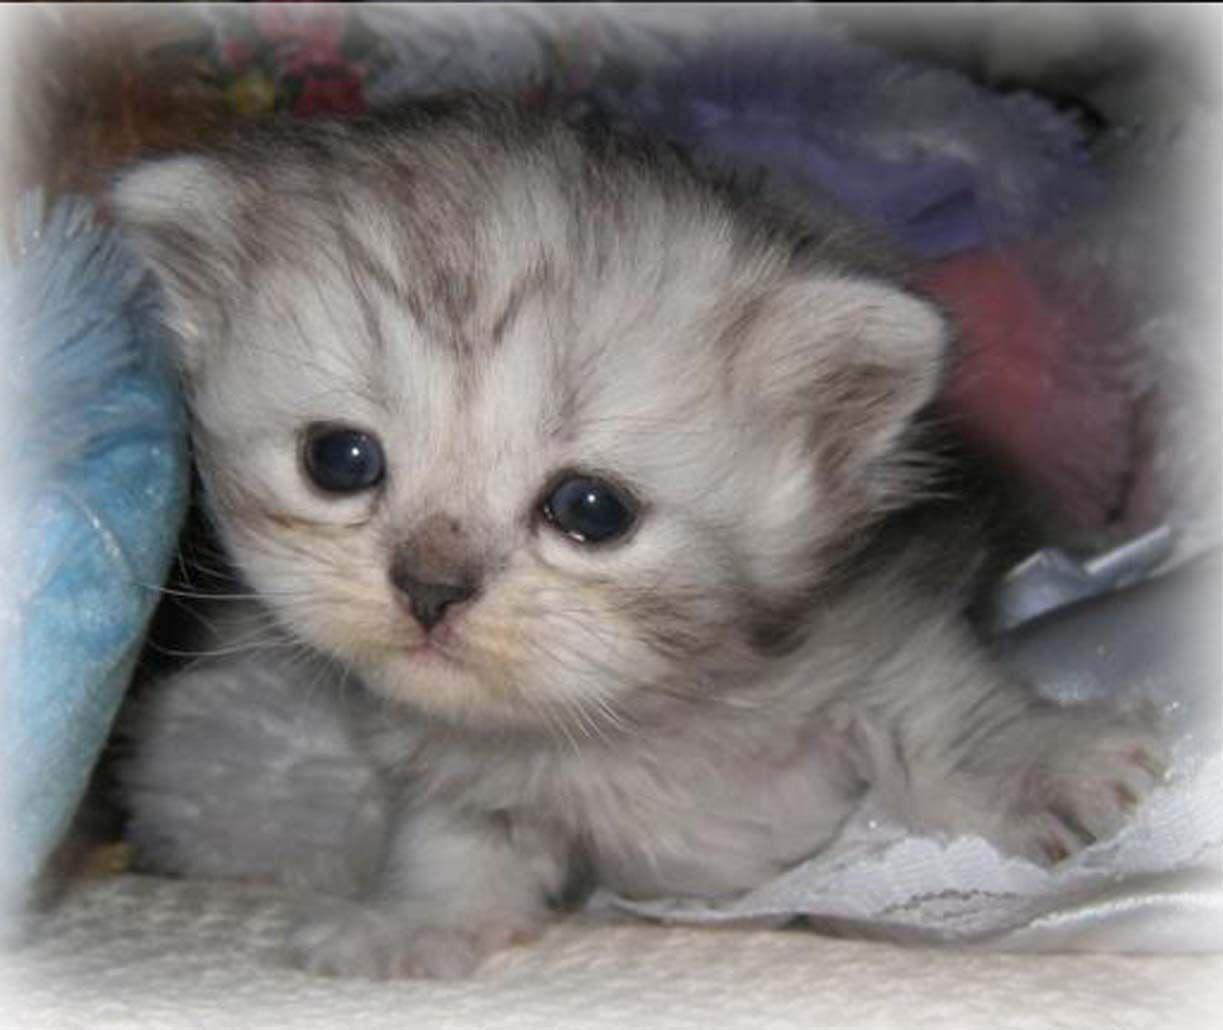 Sweet Tiny Baby Kitty 3 Teacup Kitten Kittens Cutest Kittens